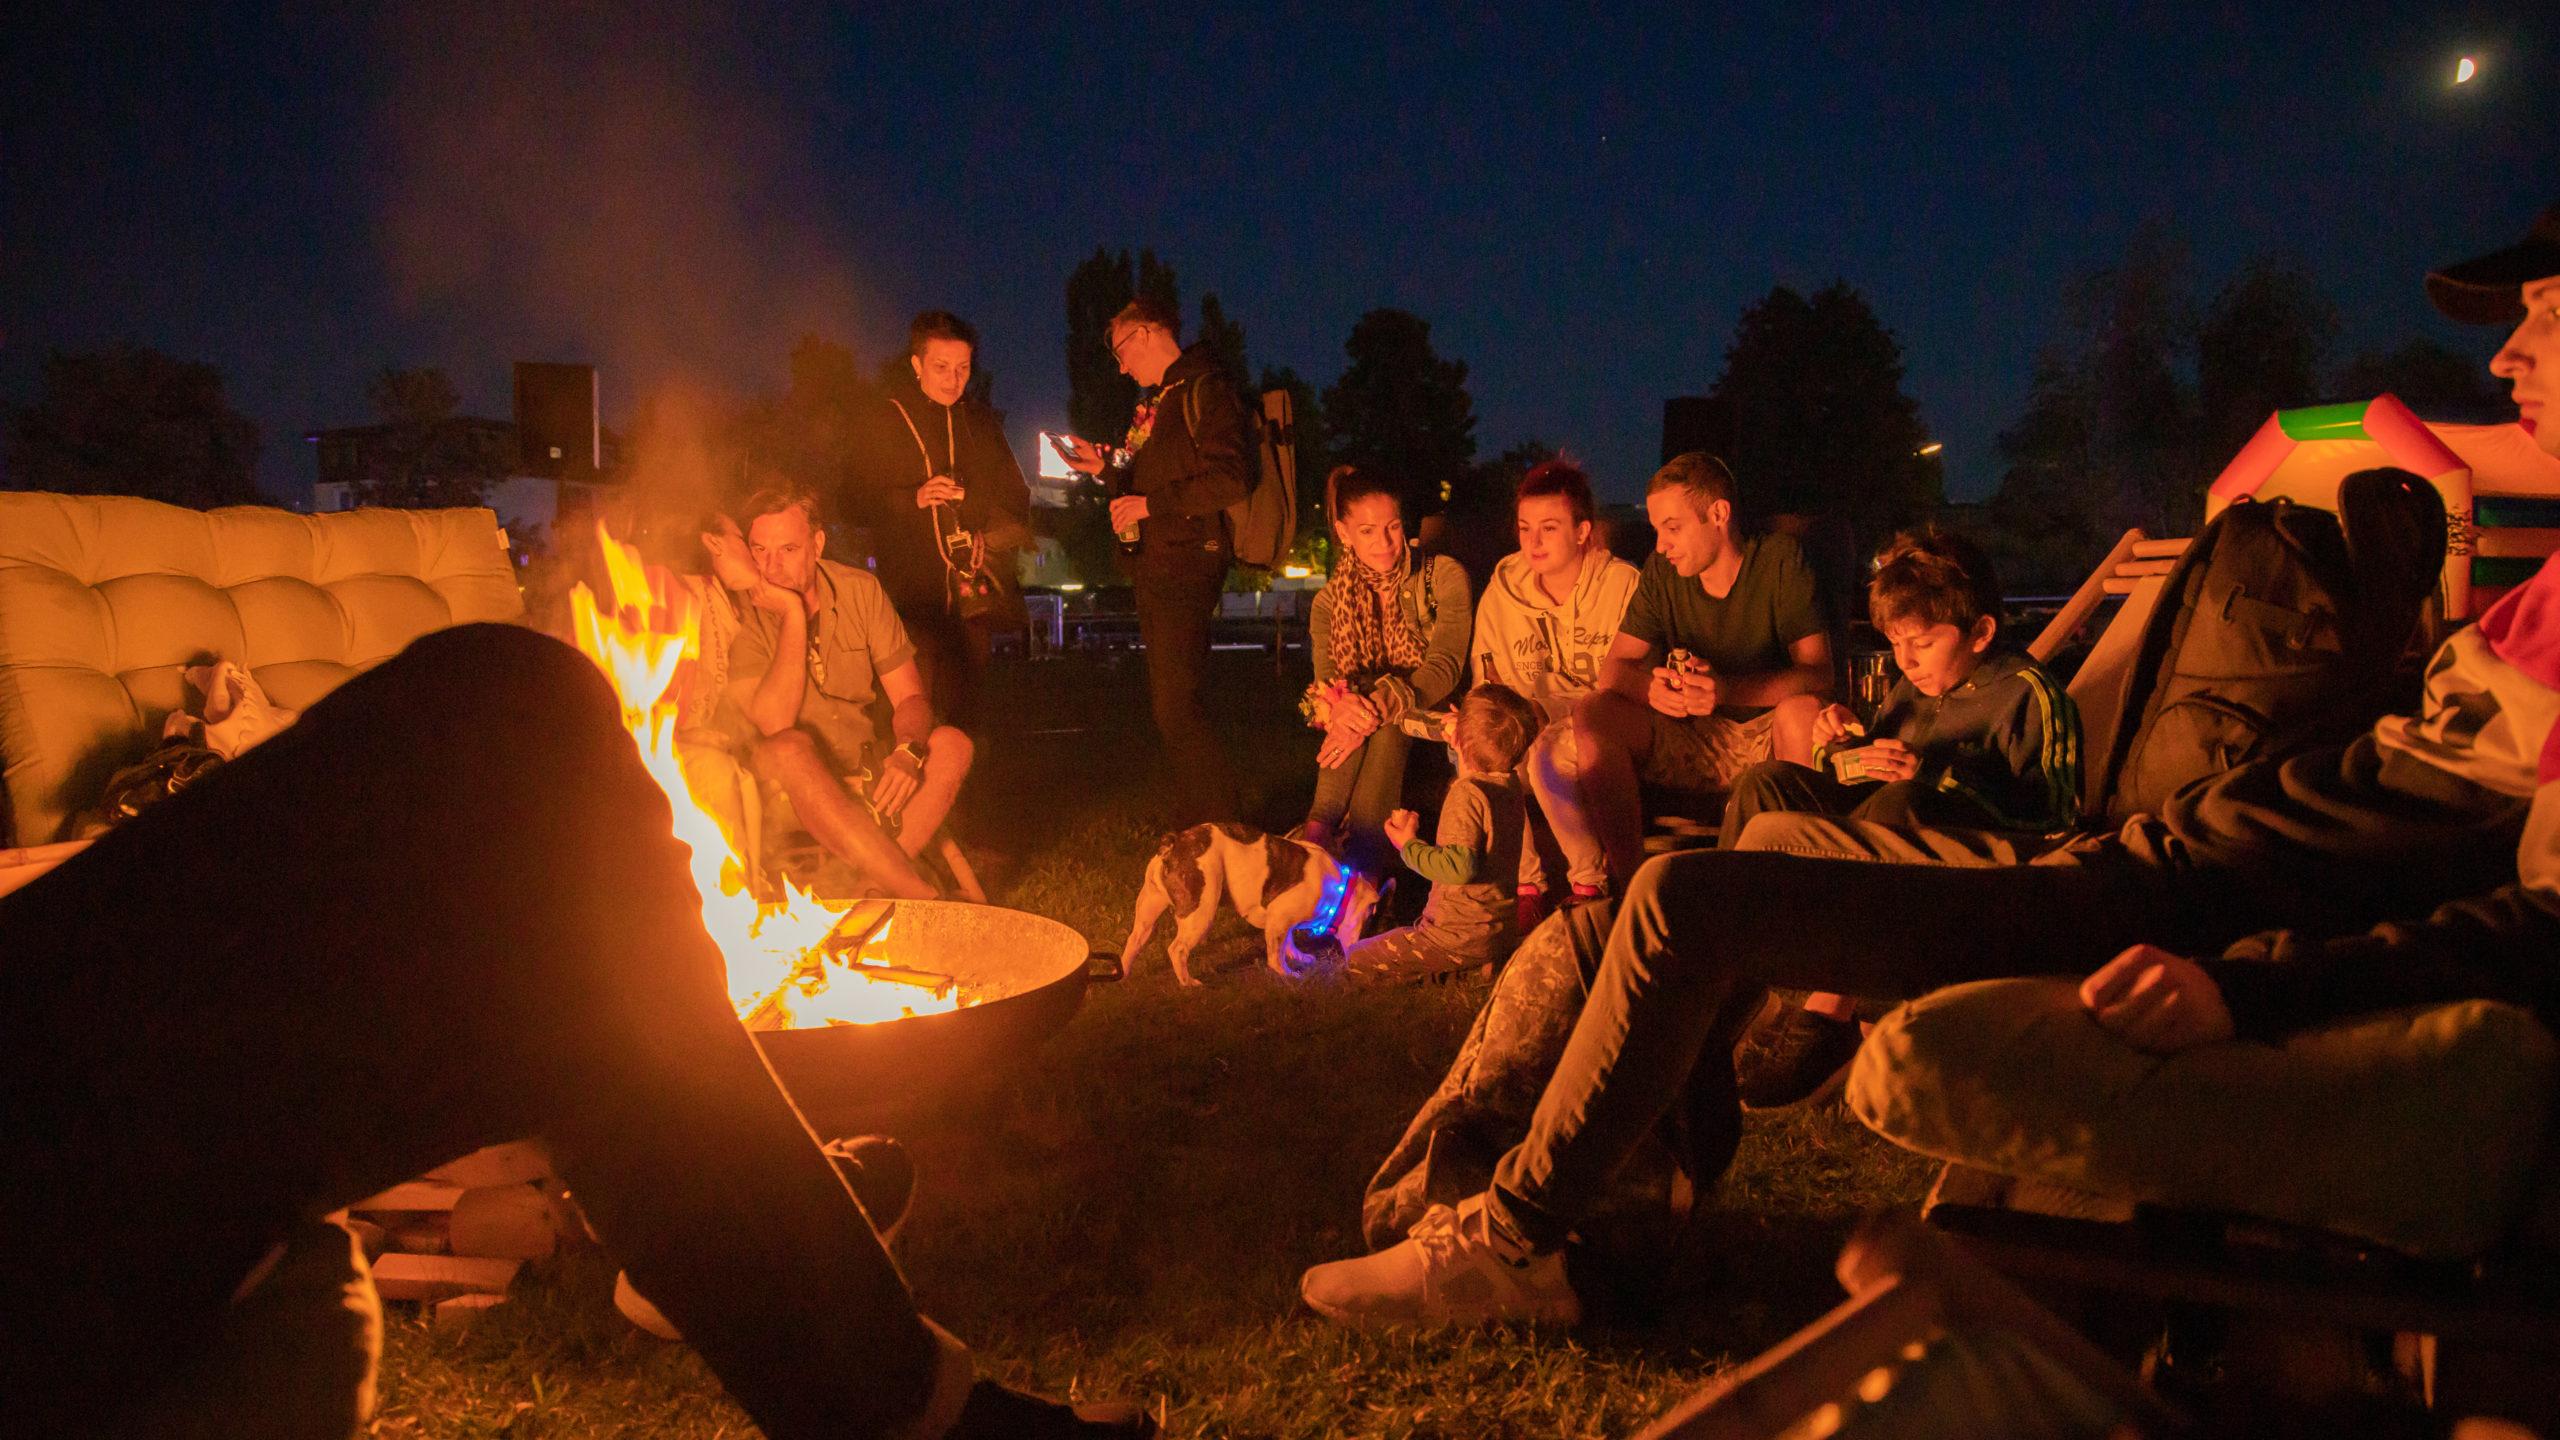 outdoor event eine Gruppe Menschen sitzt neben einem Lagerfeuer